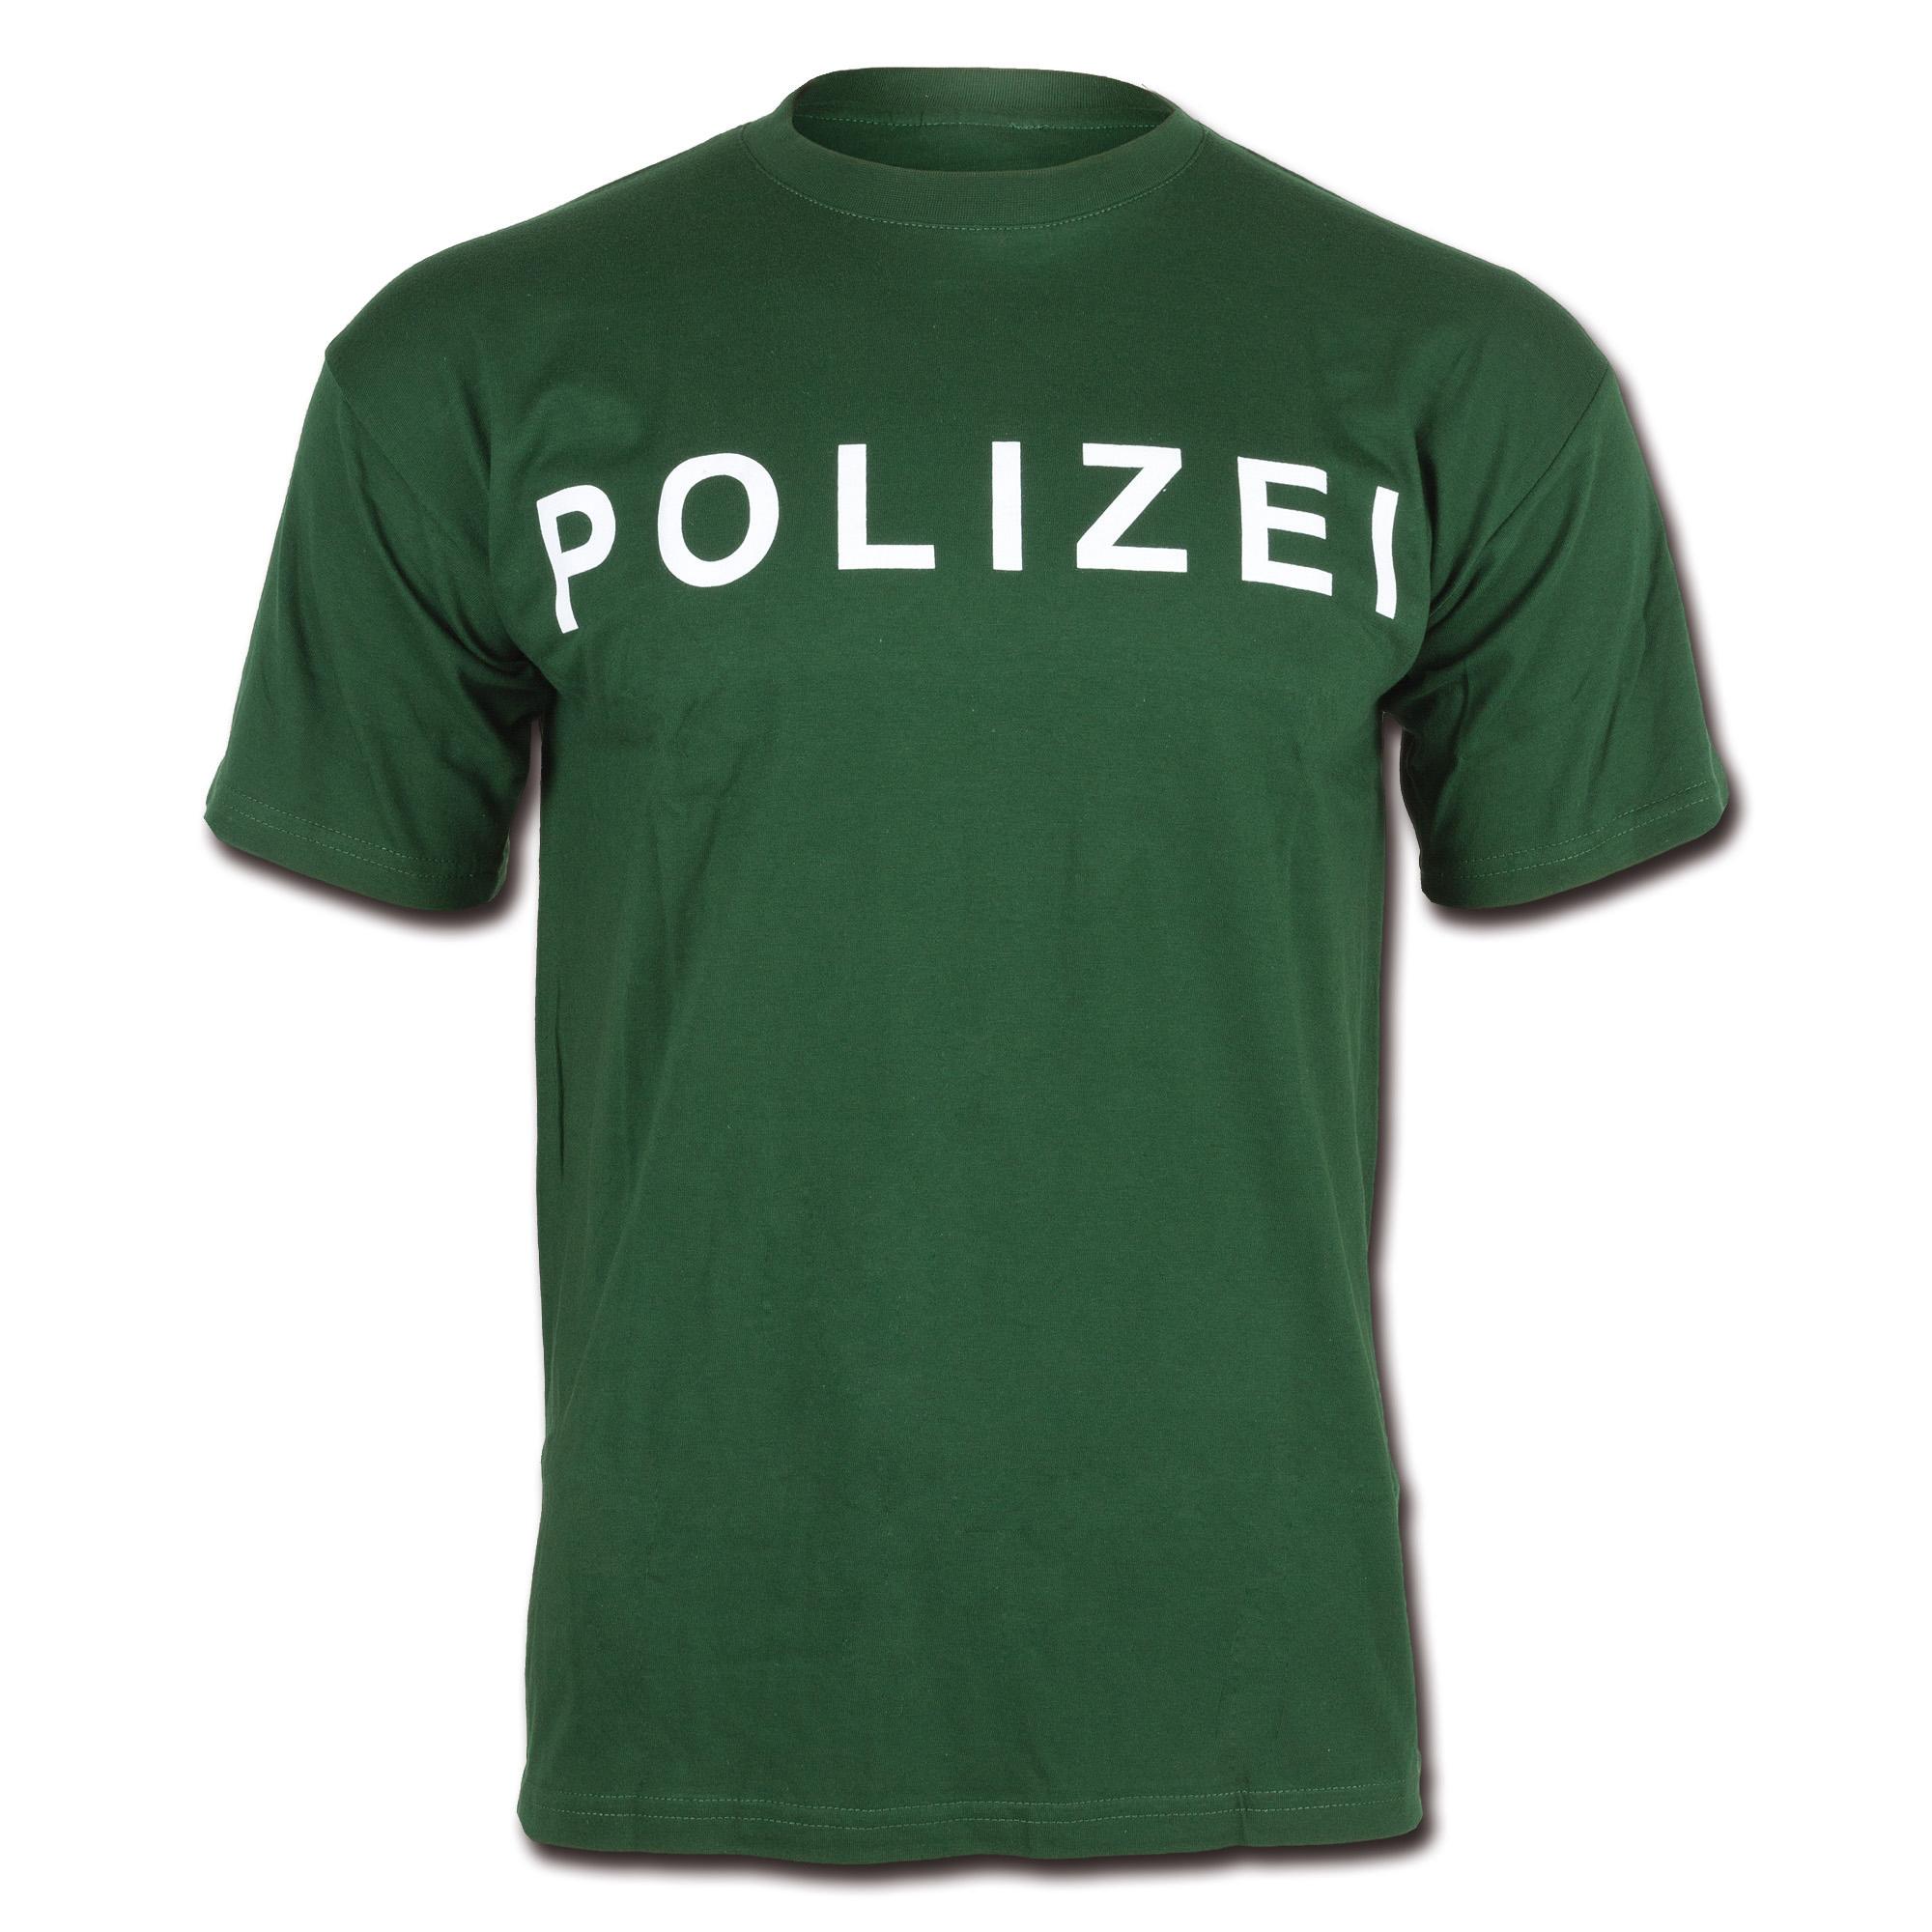 T-Shirt Polizei green